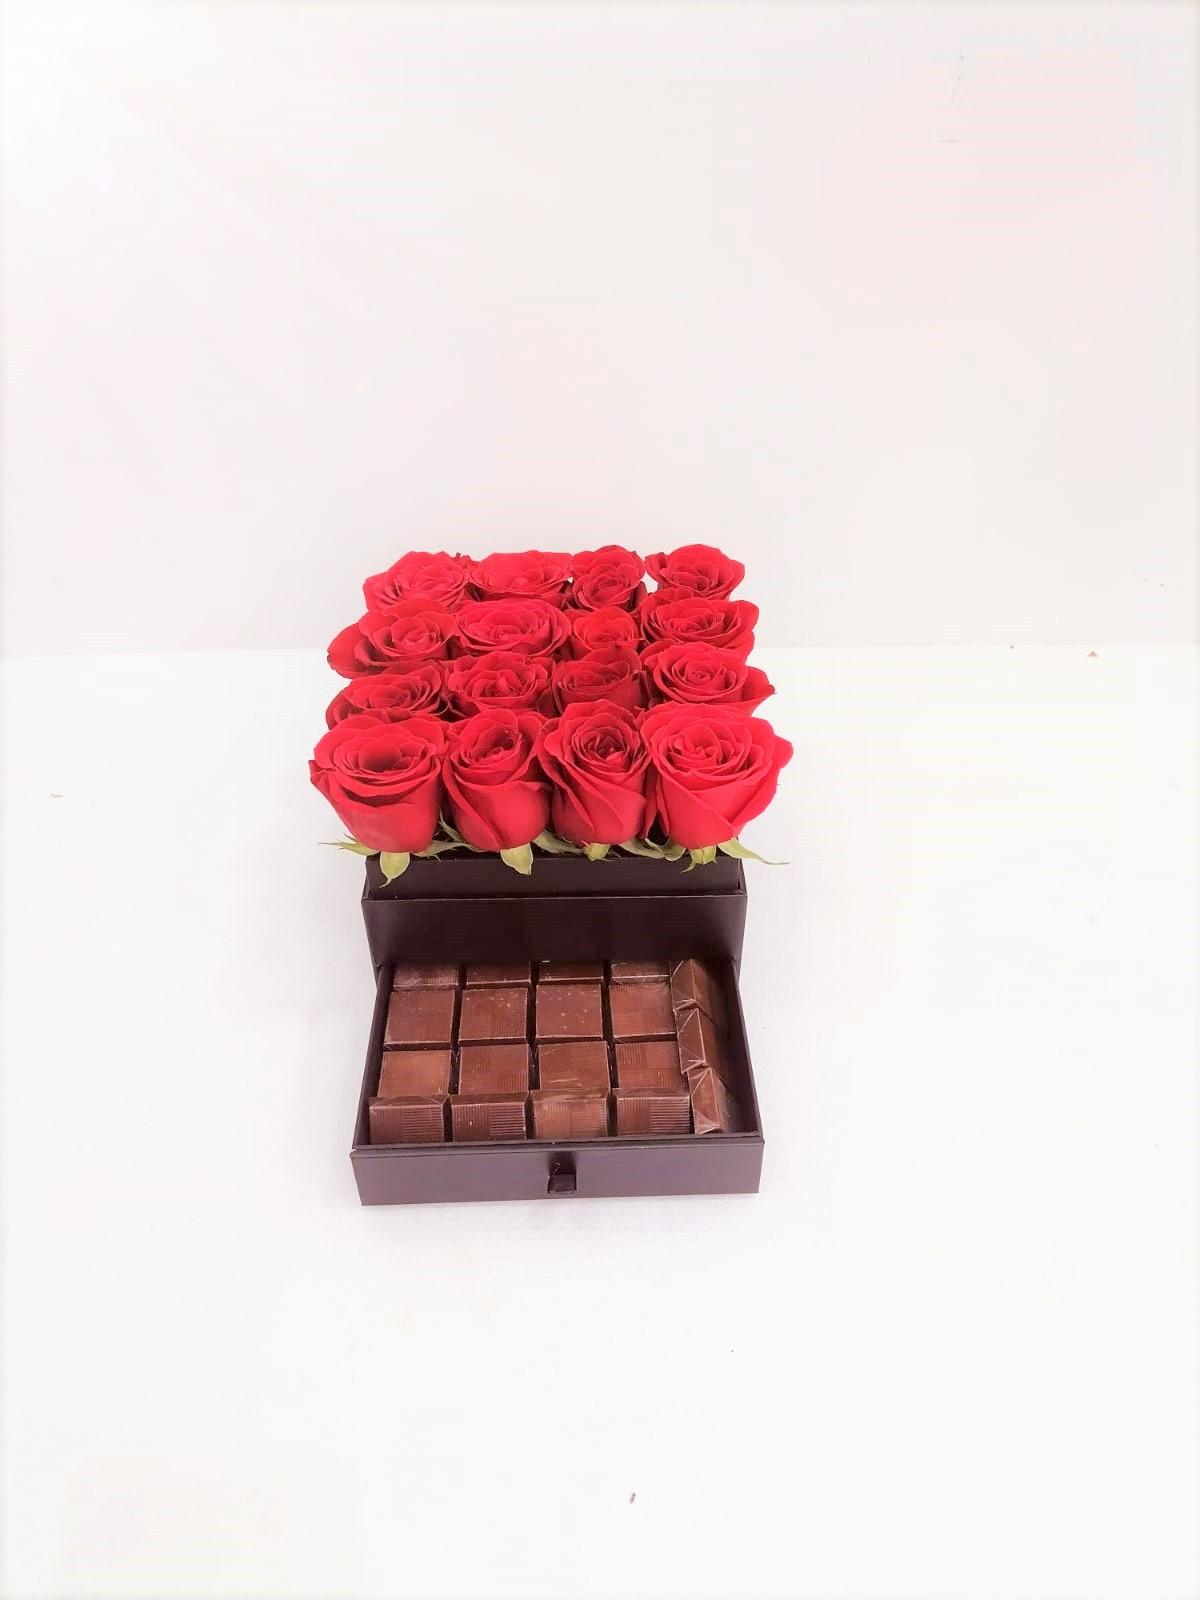 شوكولاتة ريد بوكس الحب الأحمر